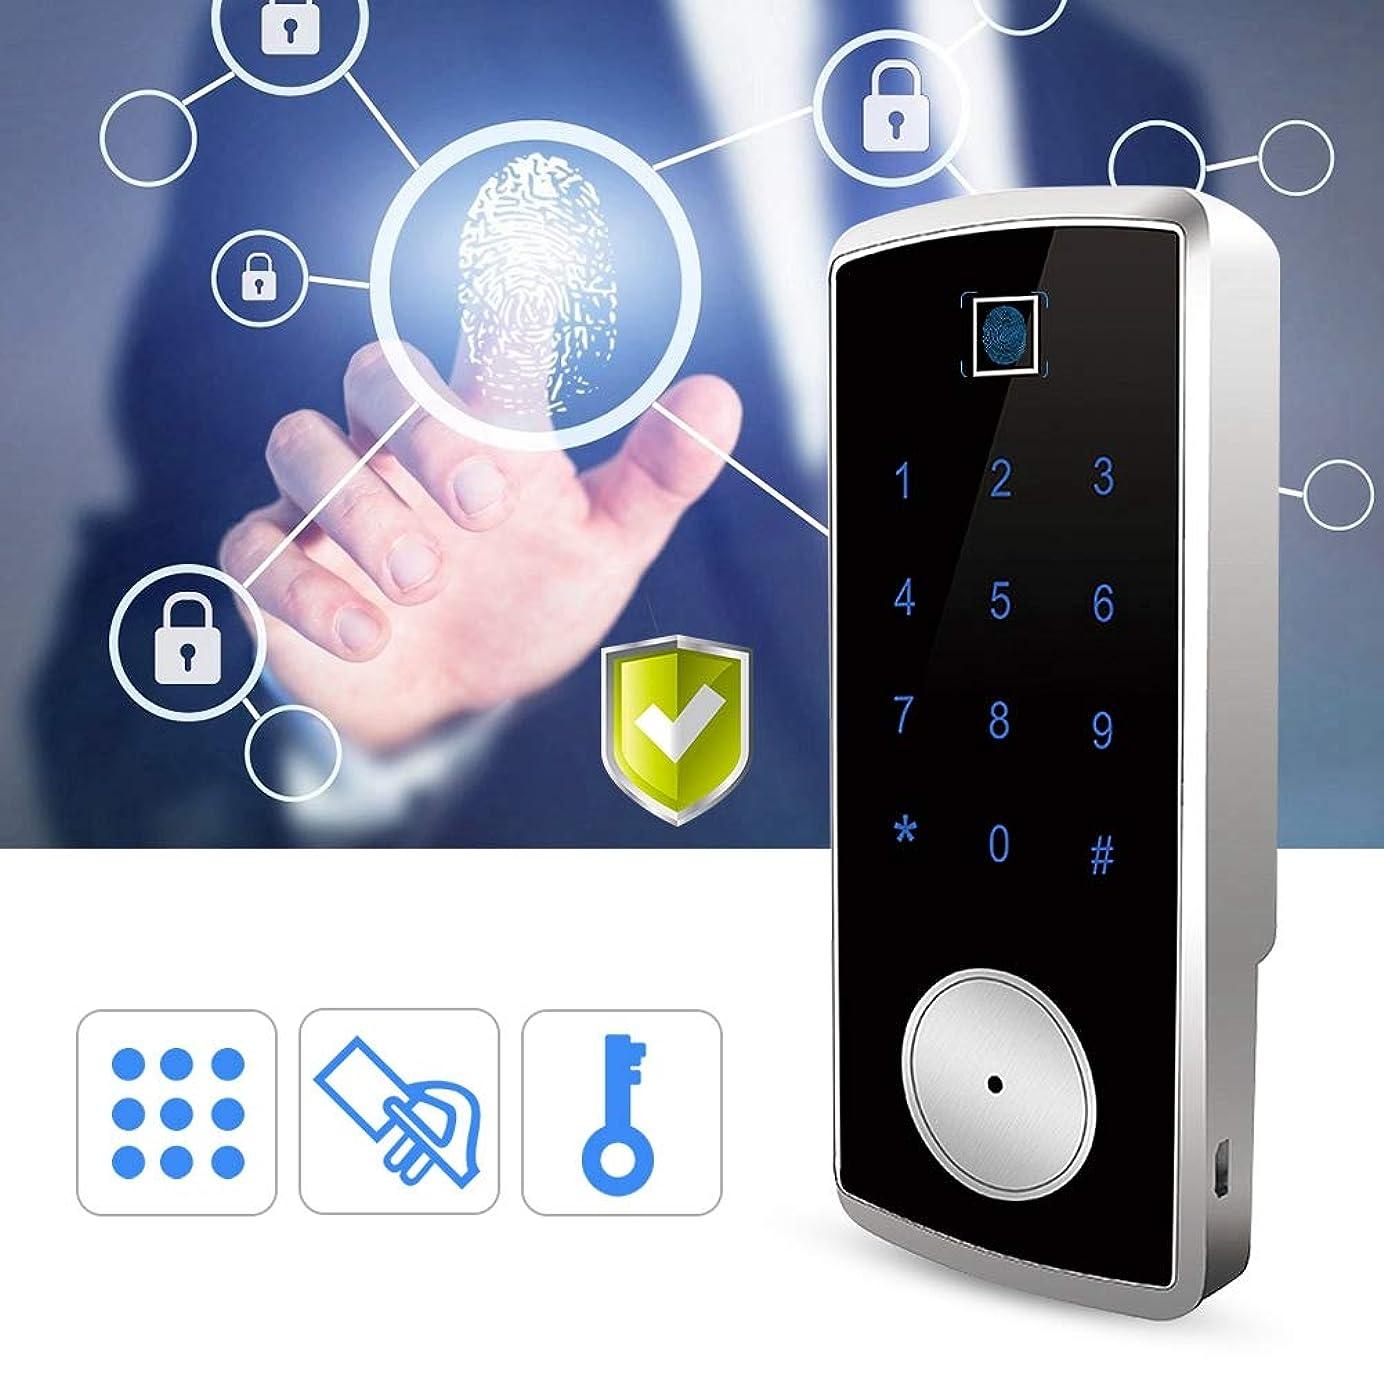 ソート水平関係生物測定の指紋のドアロック、電池なしのスマートな保証ICカードパスワード盗難防止ロック